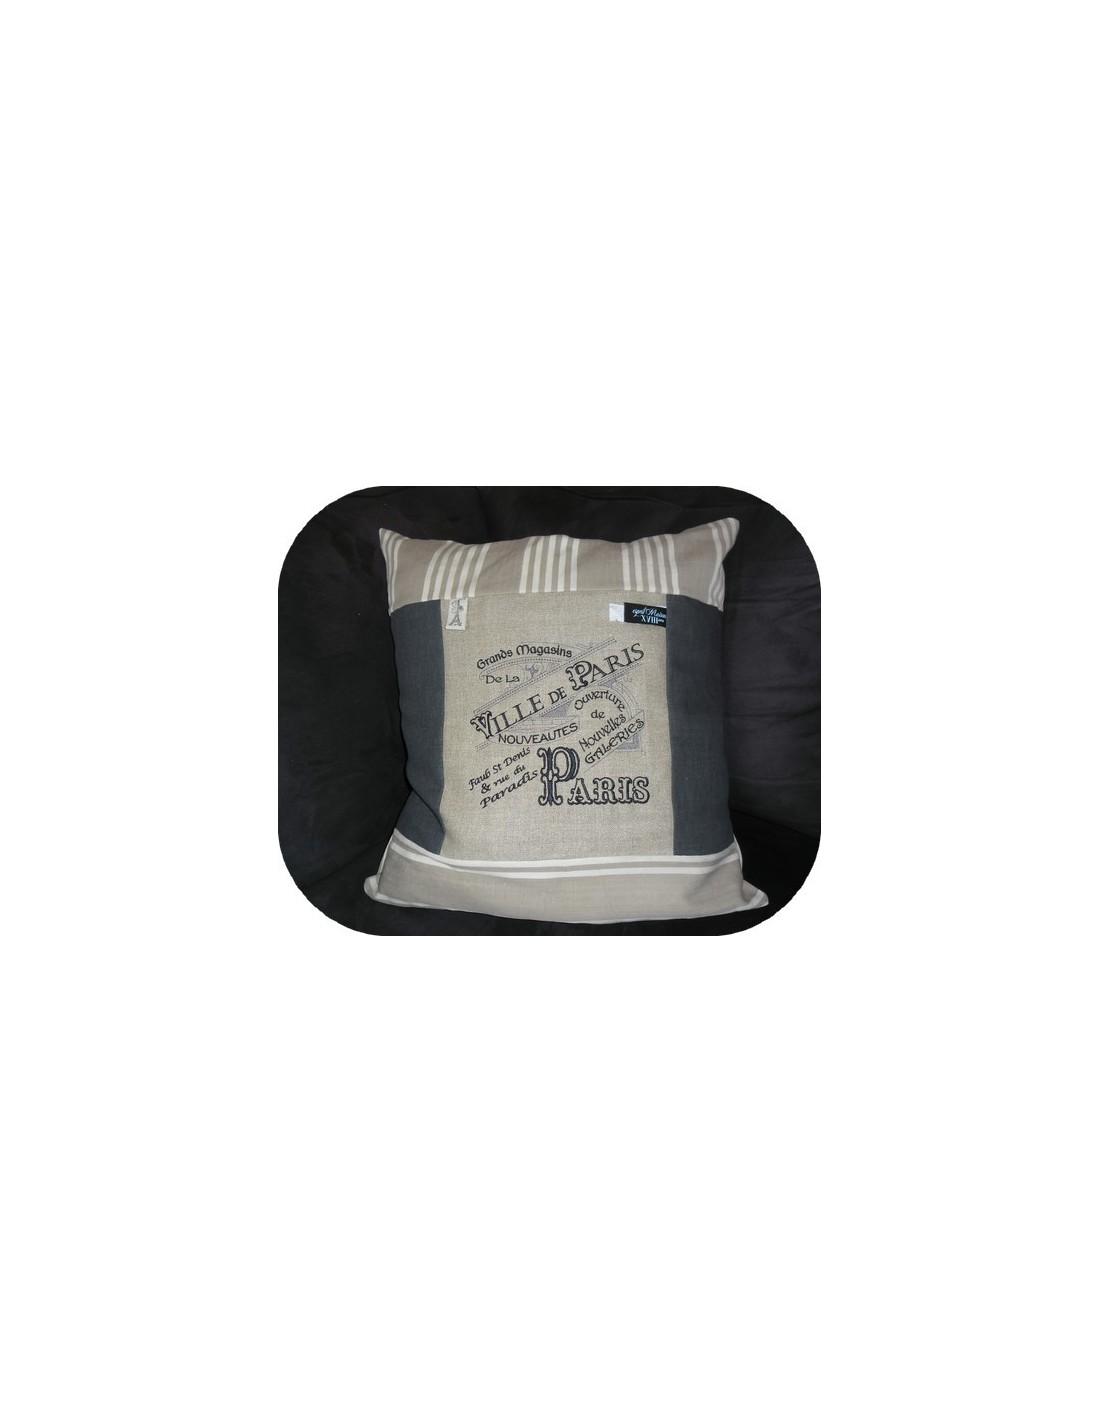 motif de broderie machine plaque publicitaire grands magasins paris alice broderie. Black Bedroom Furniture Sets. Home Design Ideas